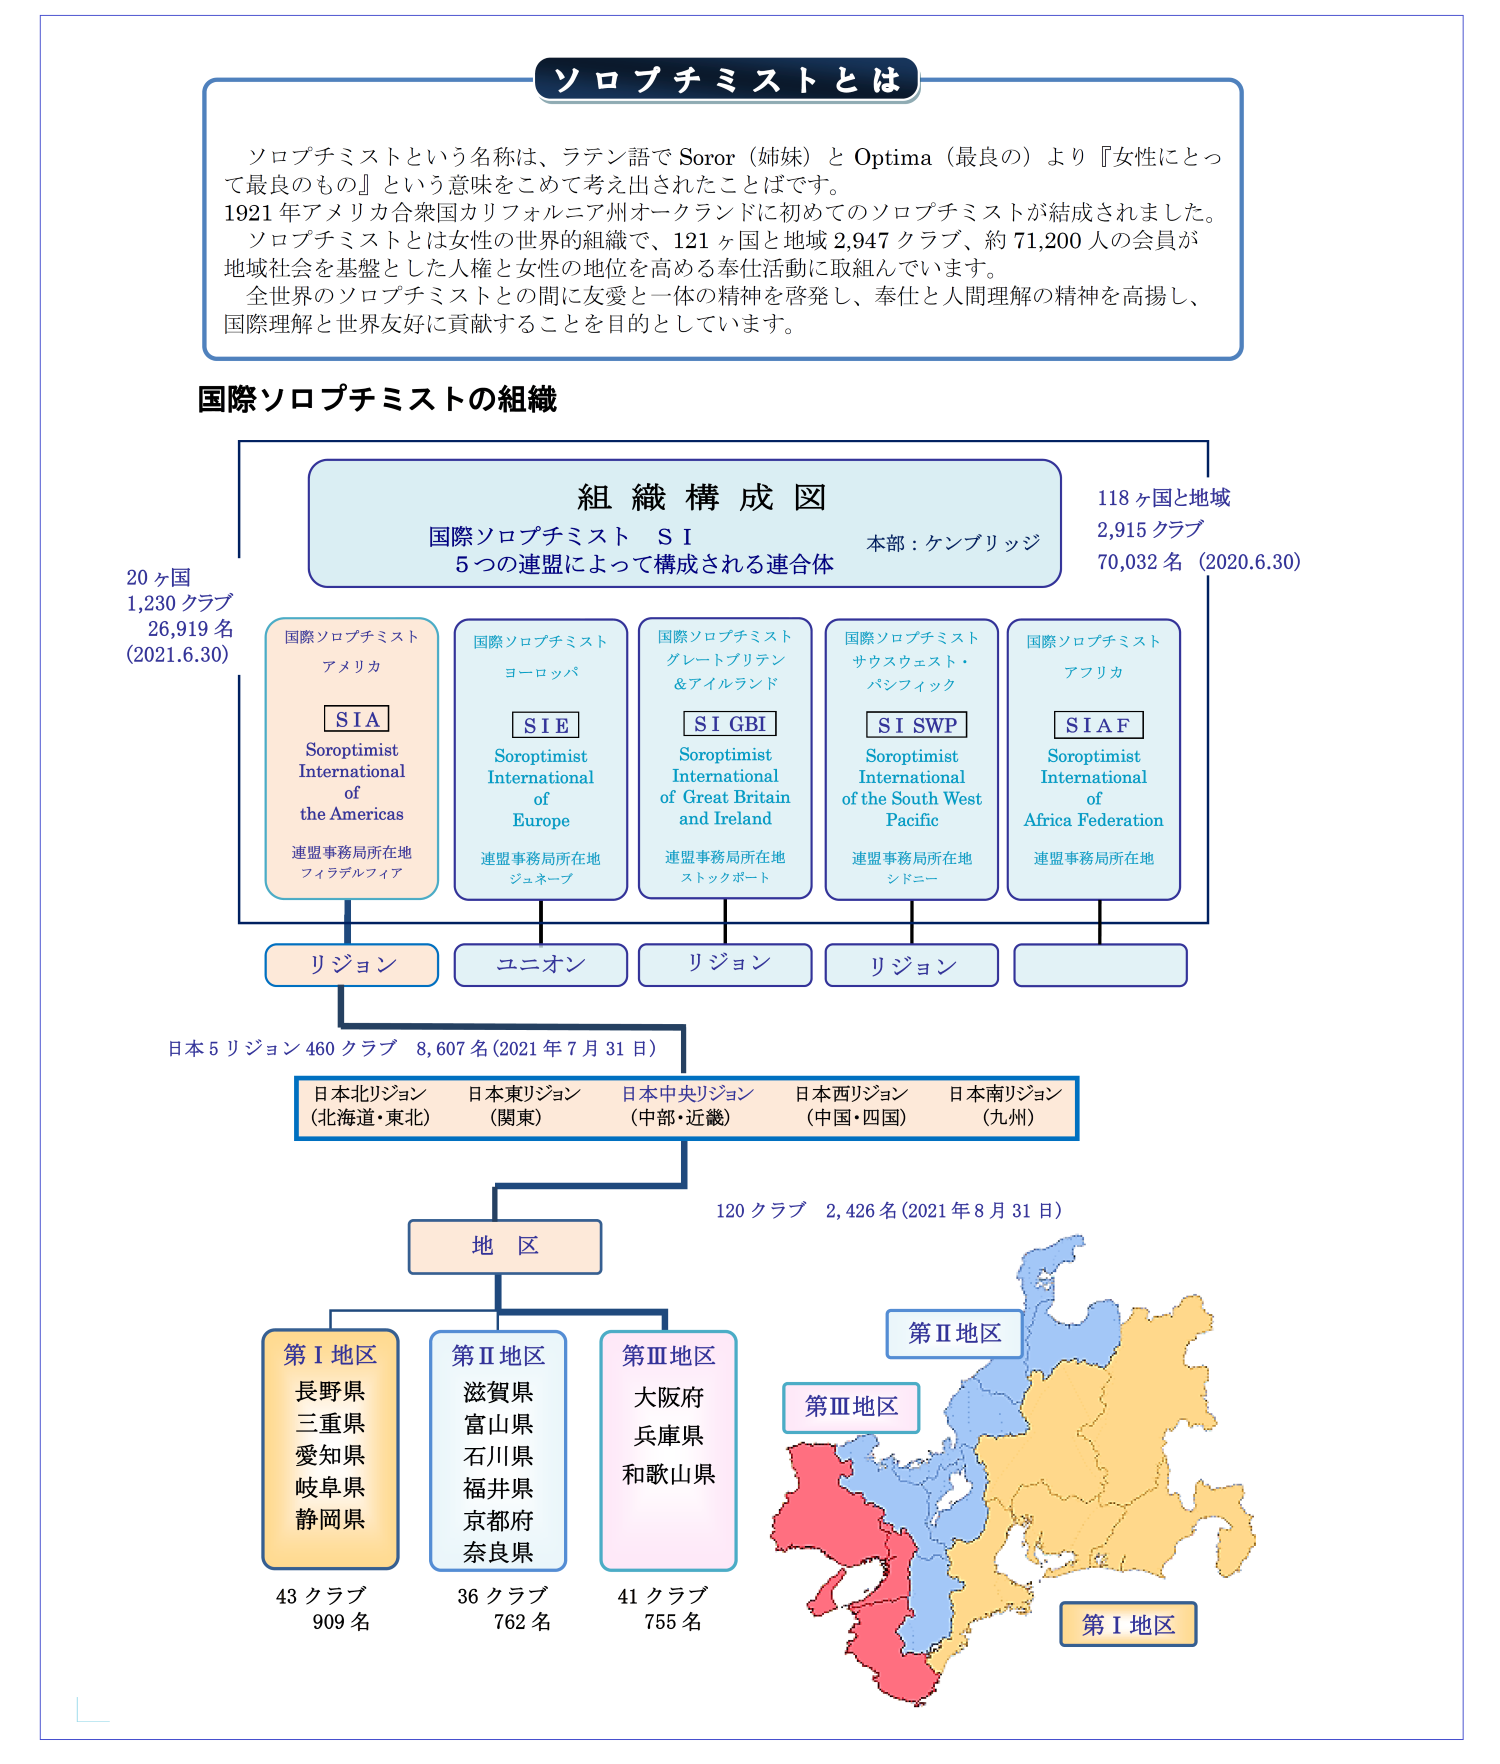 ri-furettoyousoshikizu1500.pngのサムネイル画像